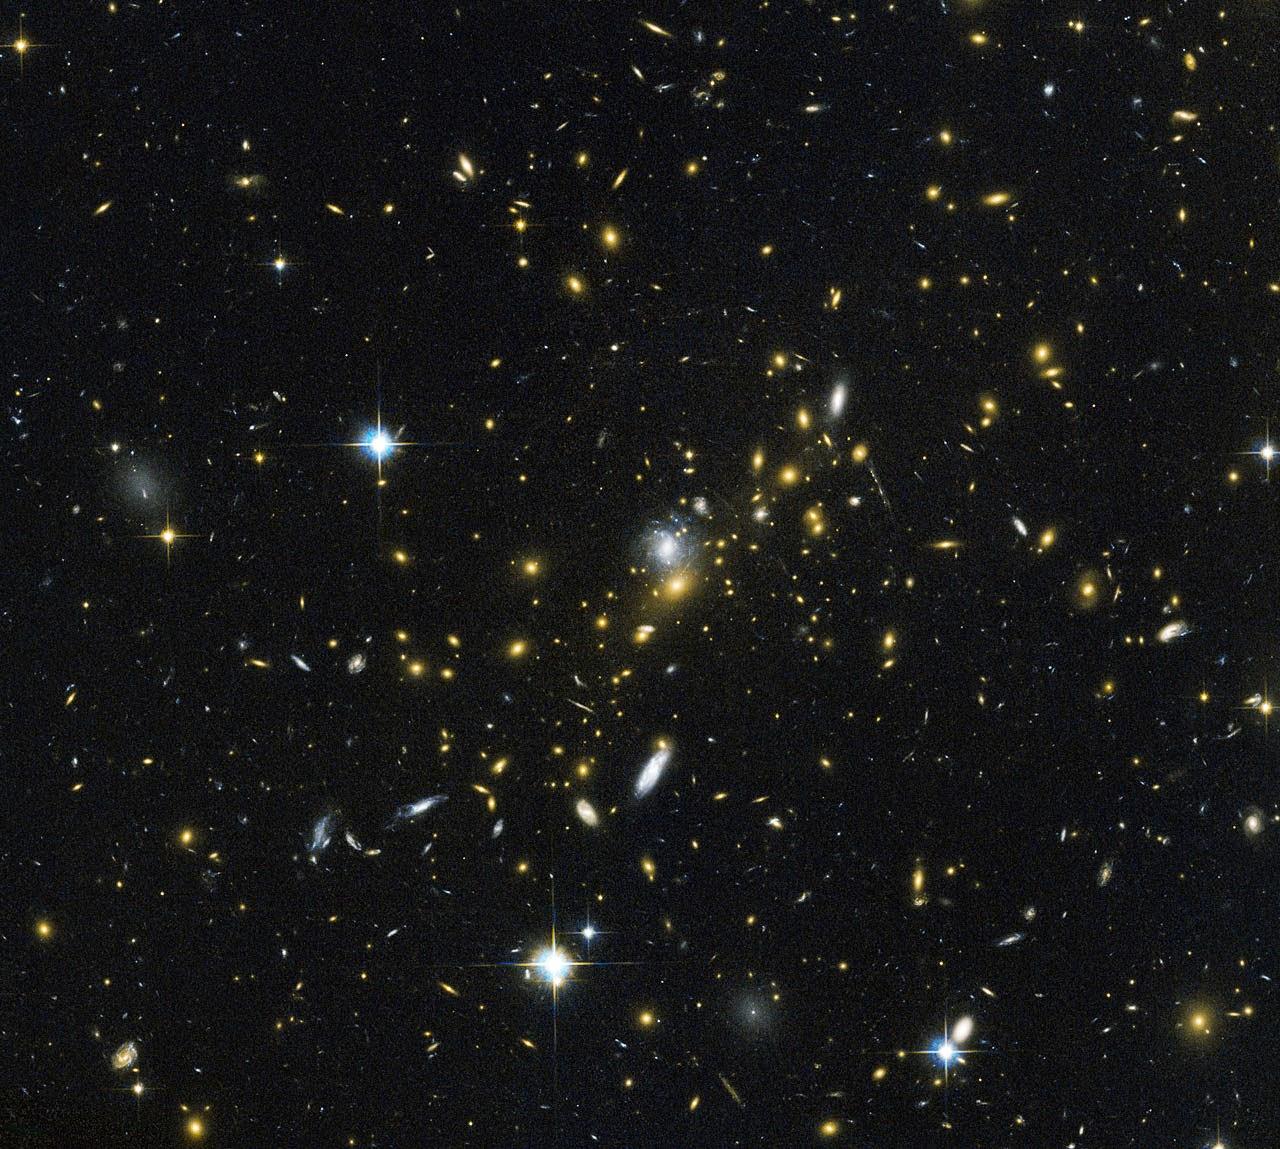 Гравитационная линза — скопление галактик MACS J0454.1-0300